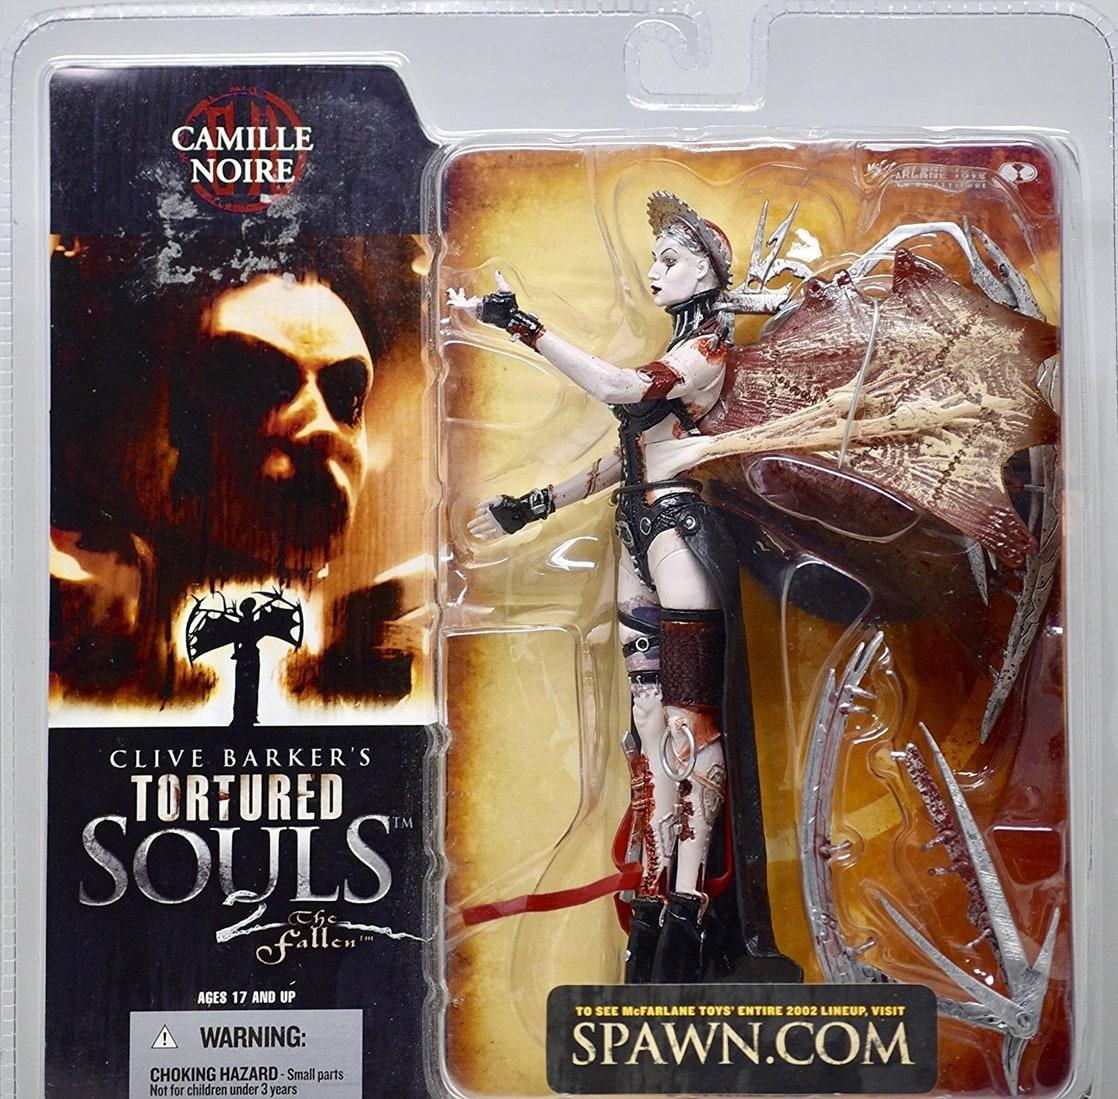 McFarlane Toys Clive Barker's Tortured Souls 2: Camille Noire